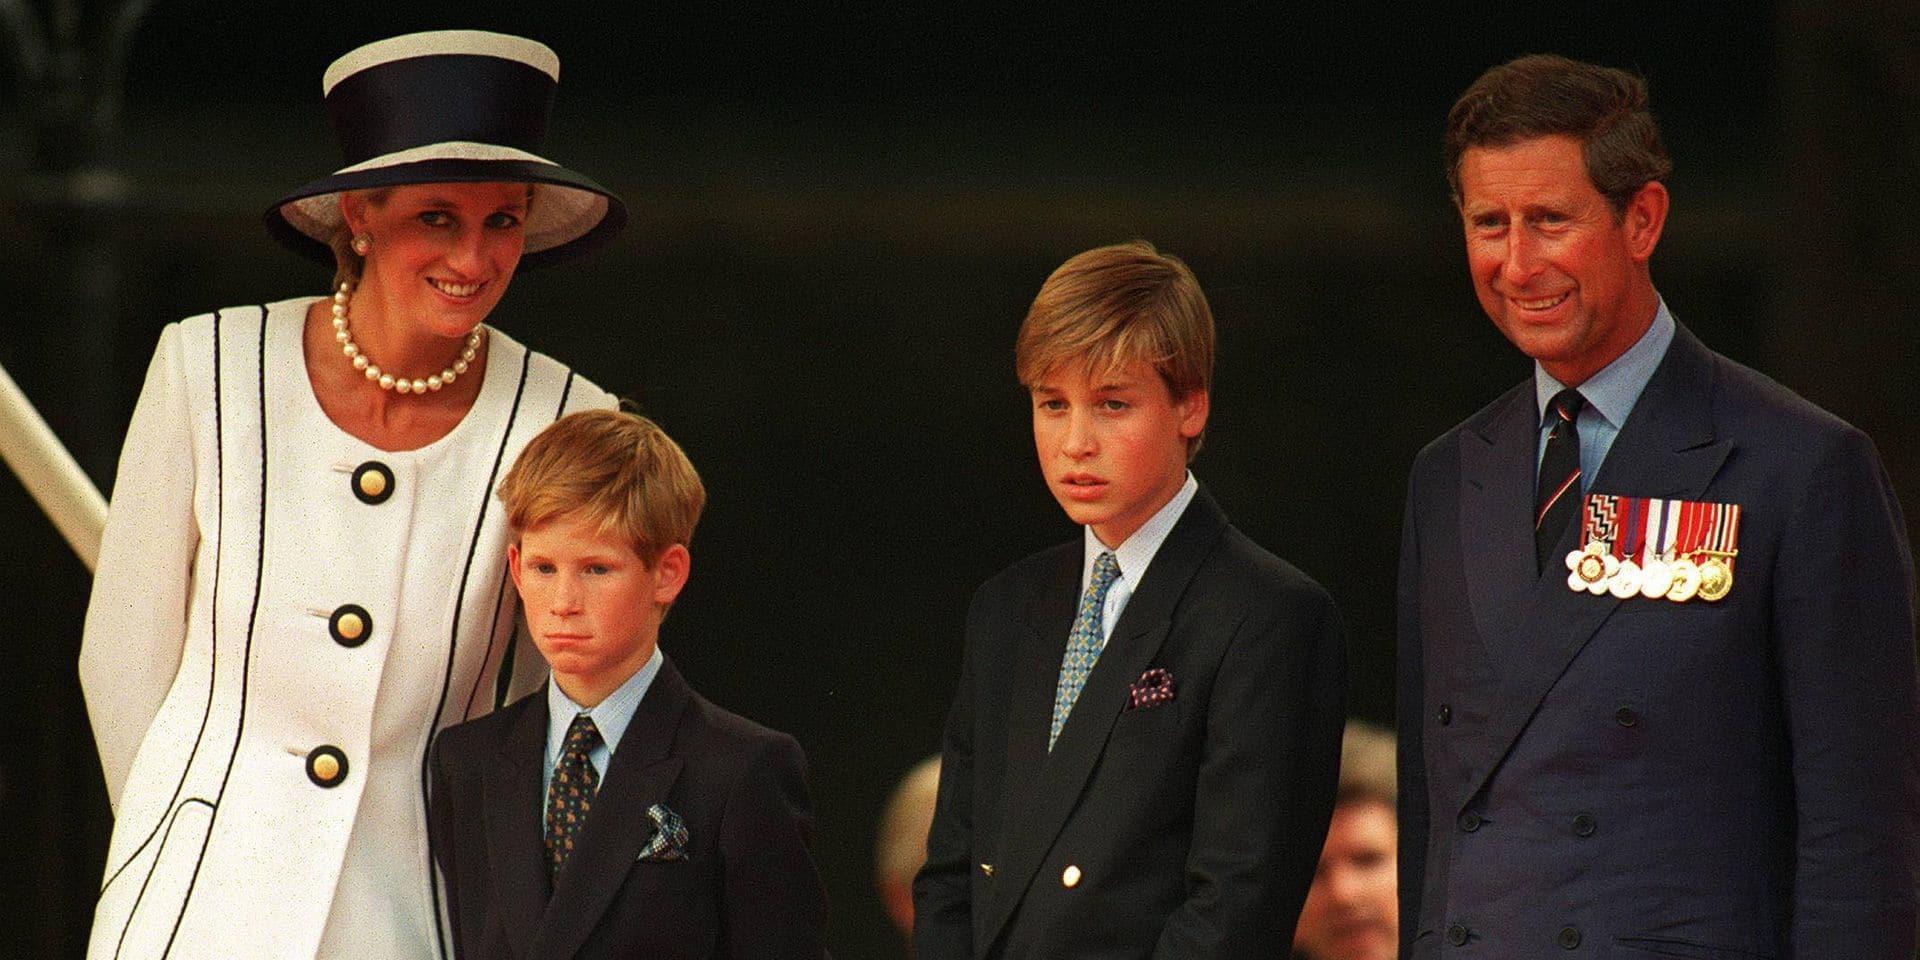 Harry et William : la bonne habitude dont ils ont hérité du prince Charles durant leur enfance